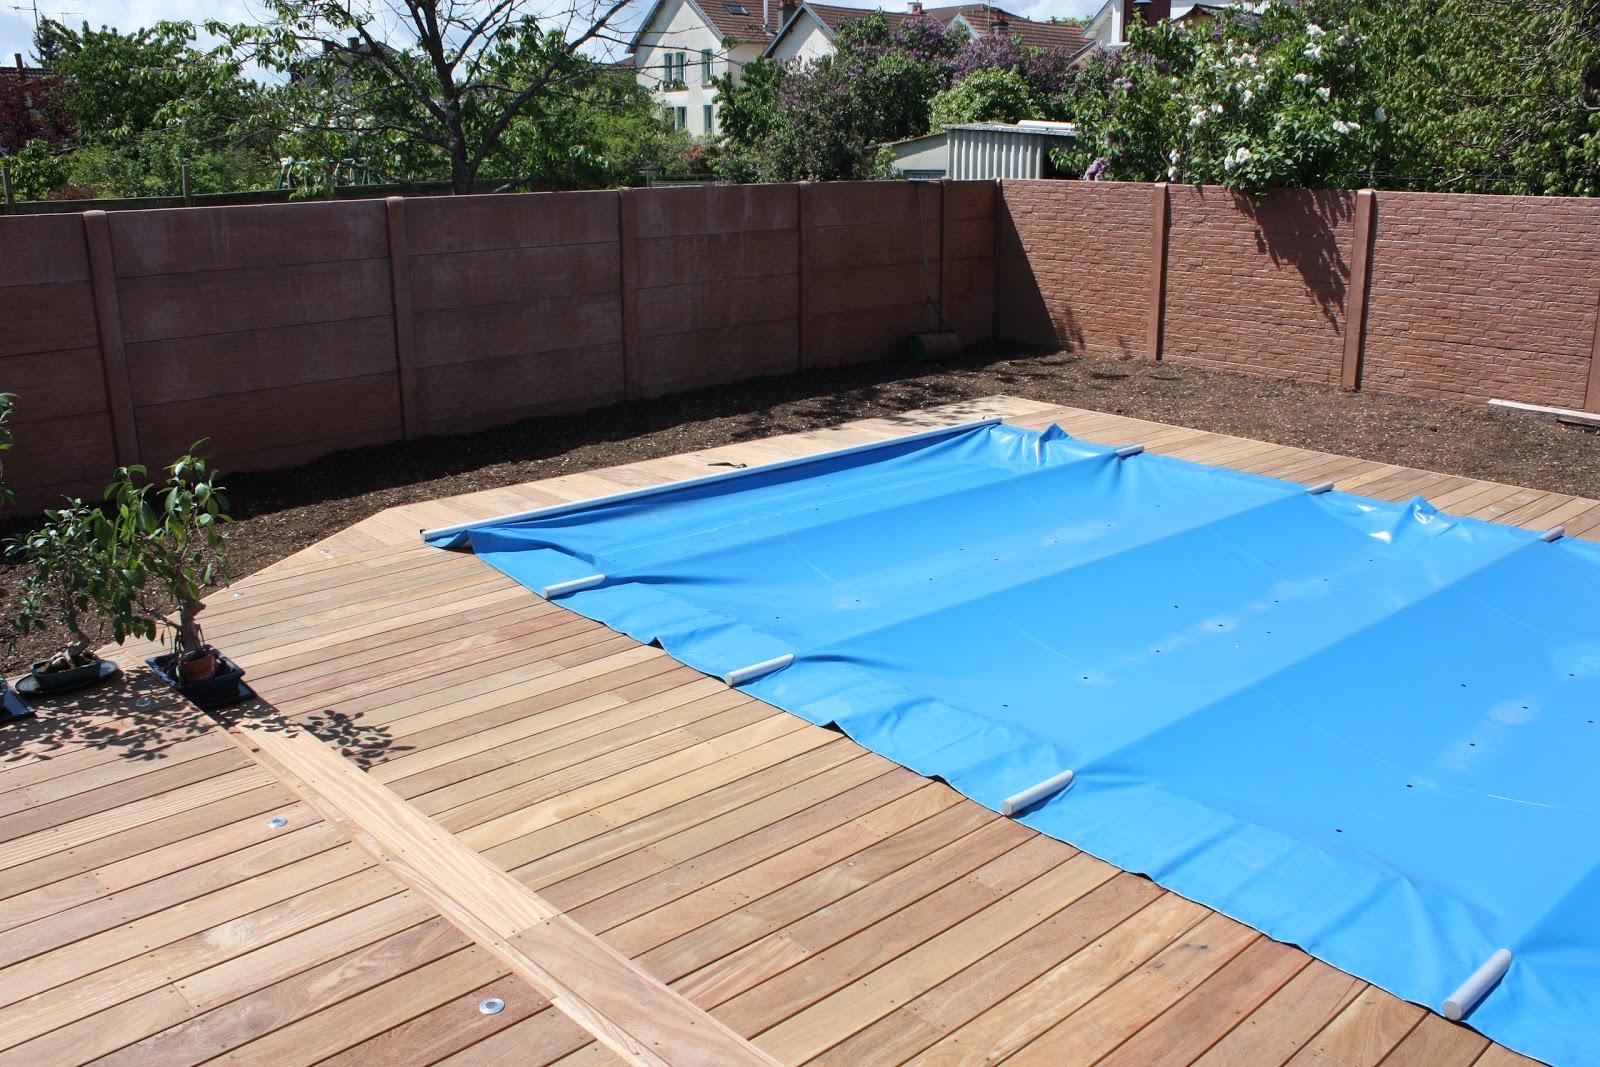 Jardins secrets terrasses bois for Spot piscine bois